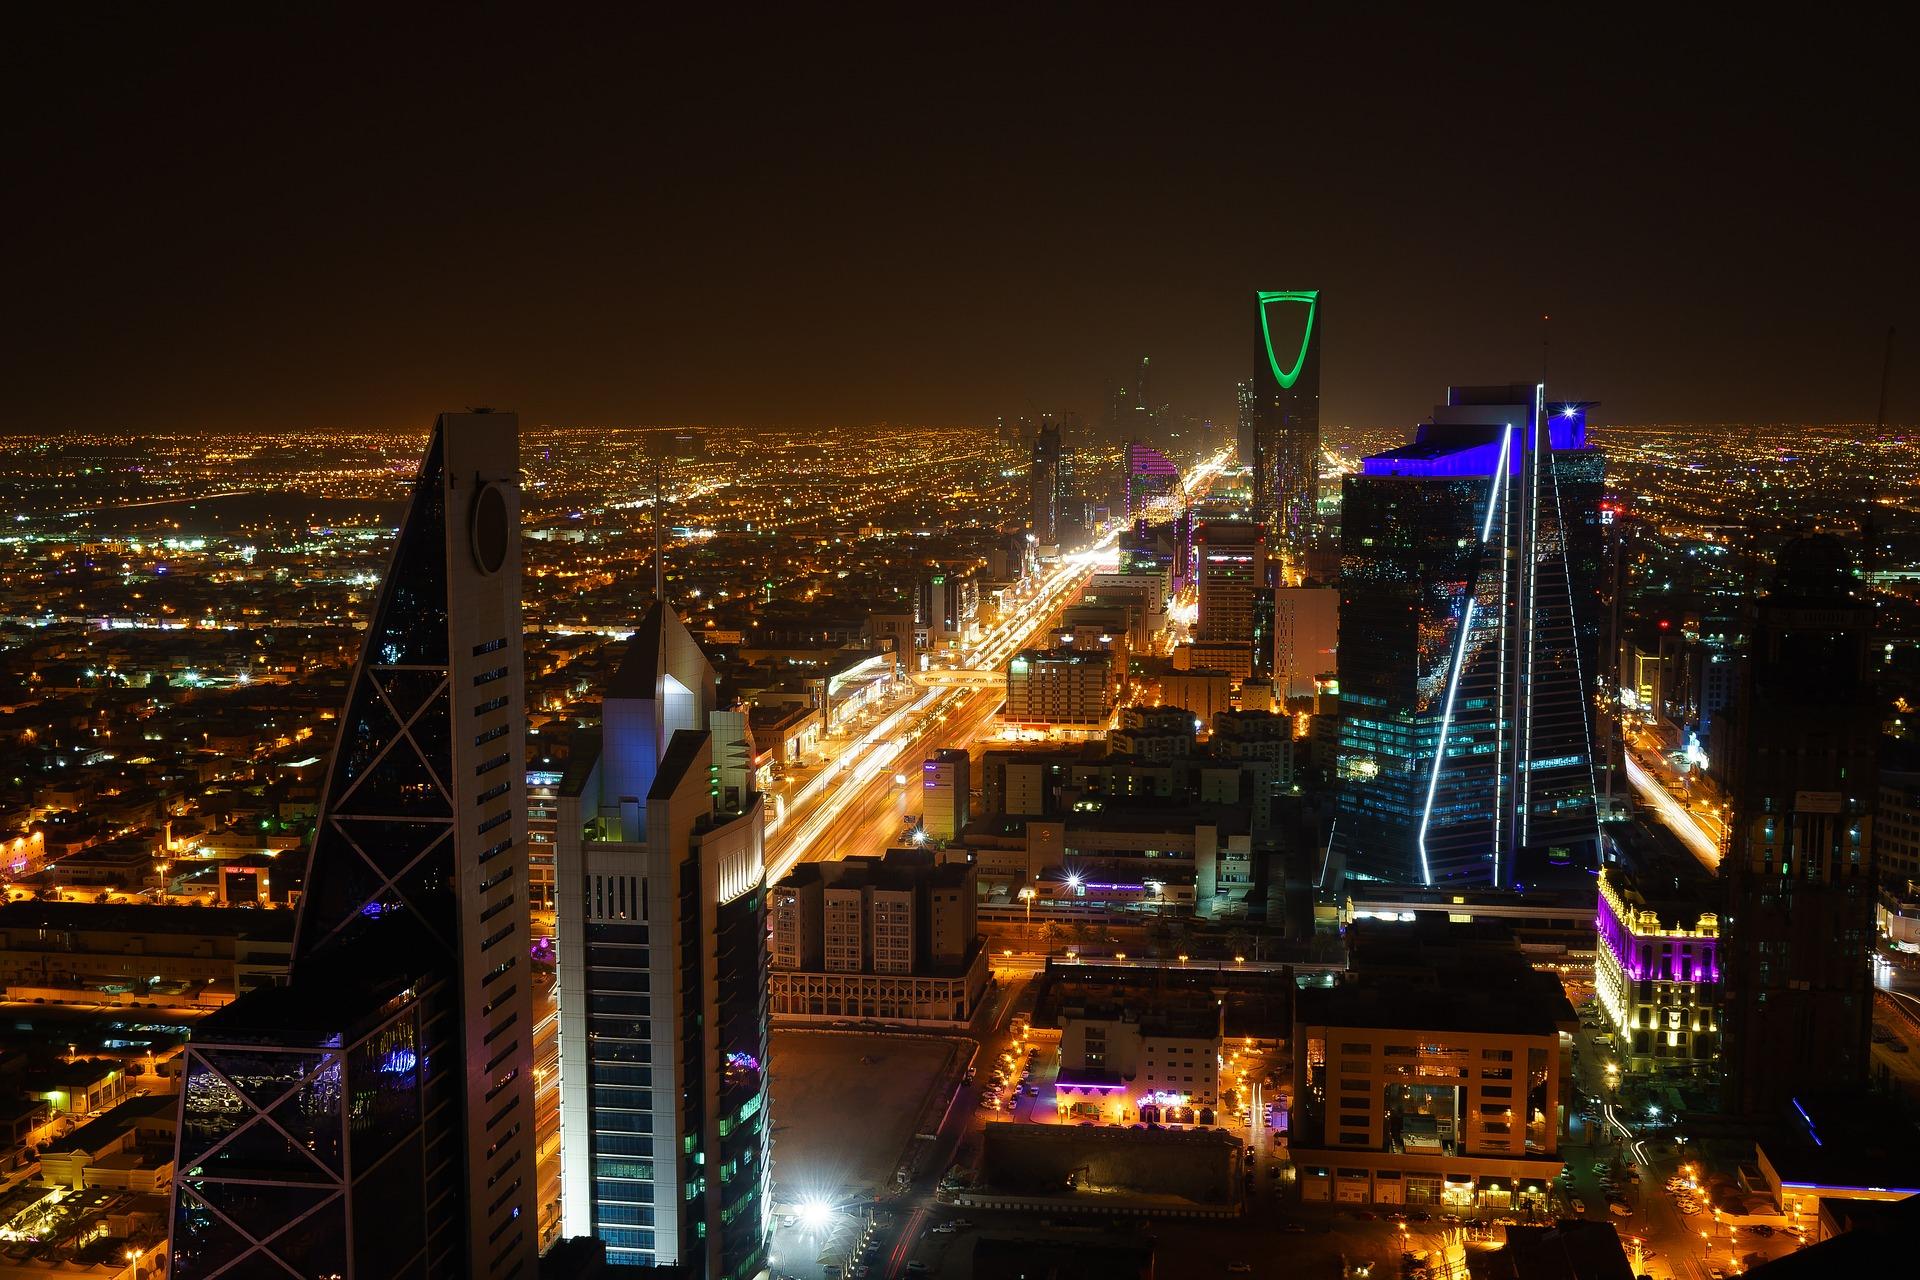 Saudi Arabia ranks 7th in Entrepreneurial Progress globally